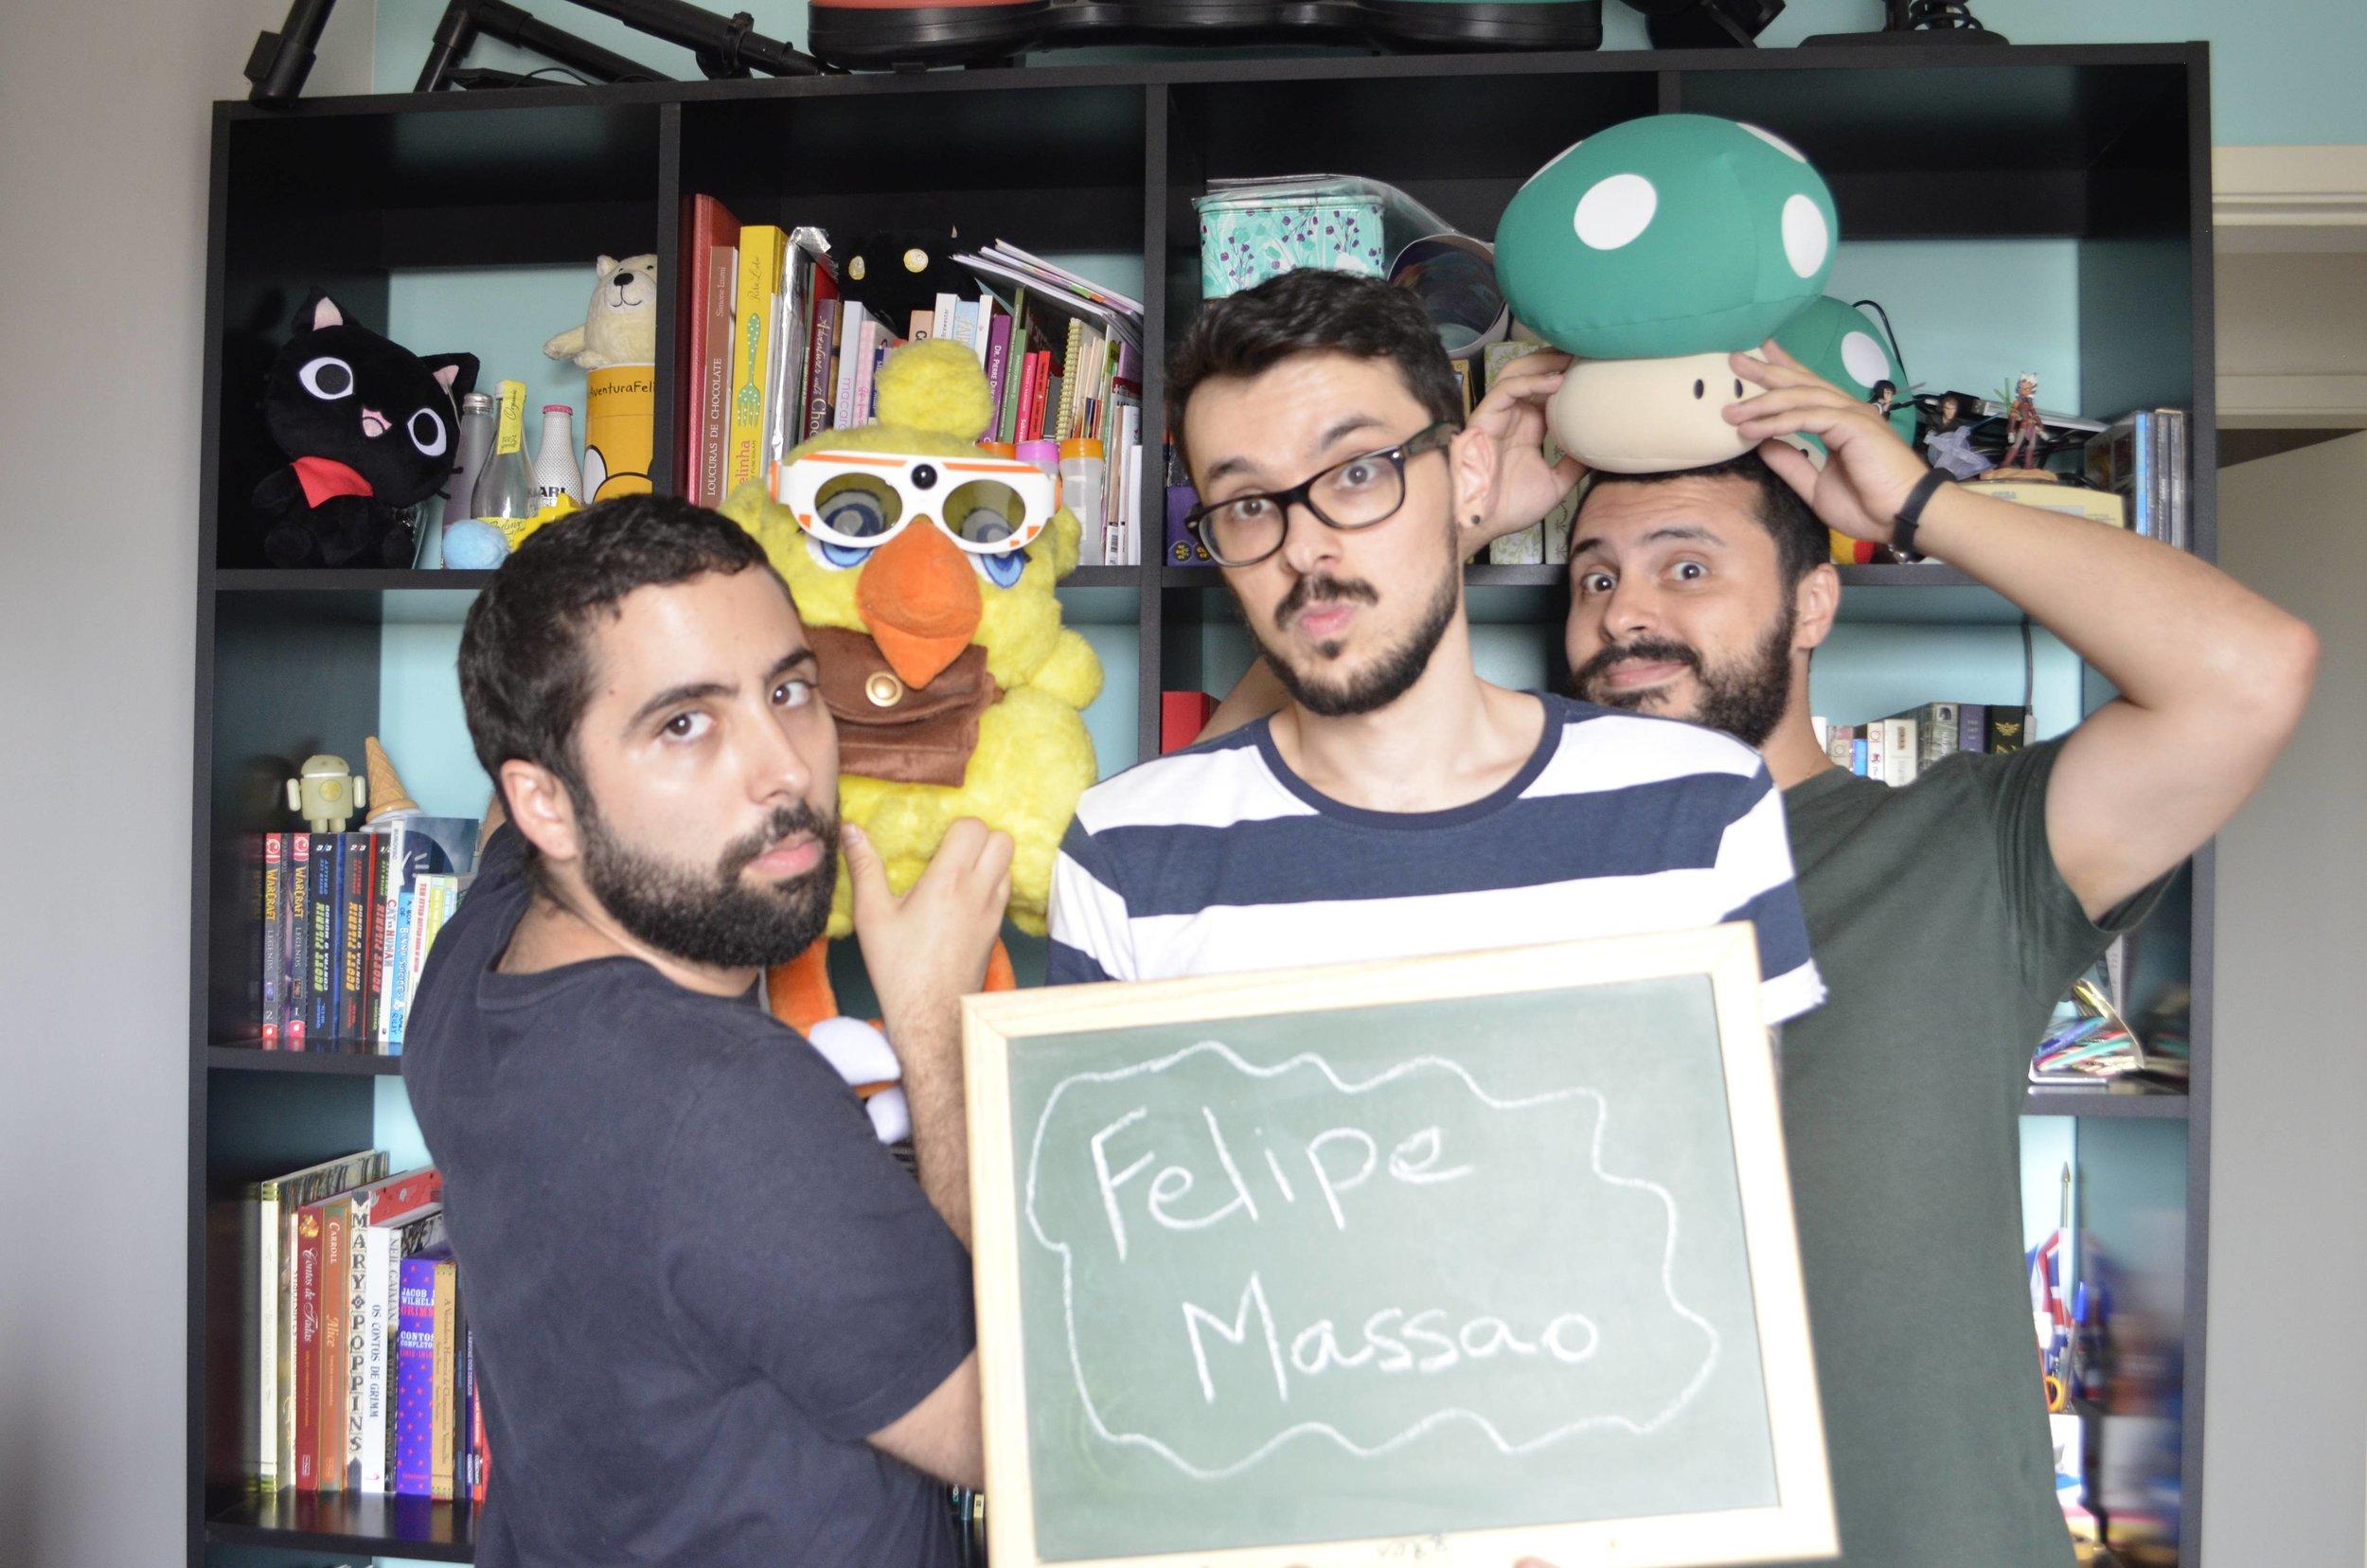 Felipe-Massao.jpg